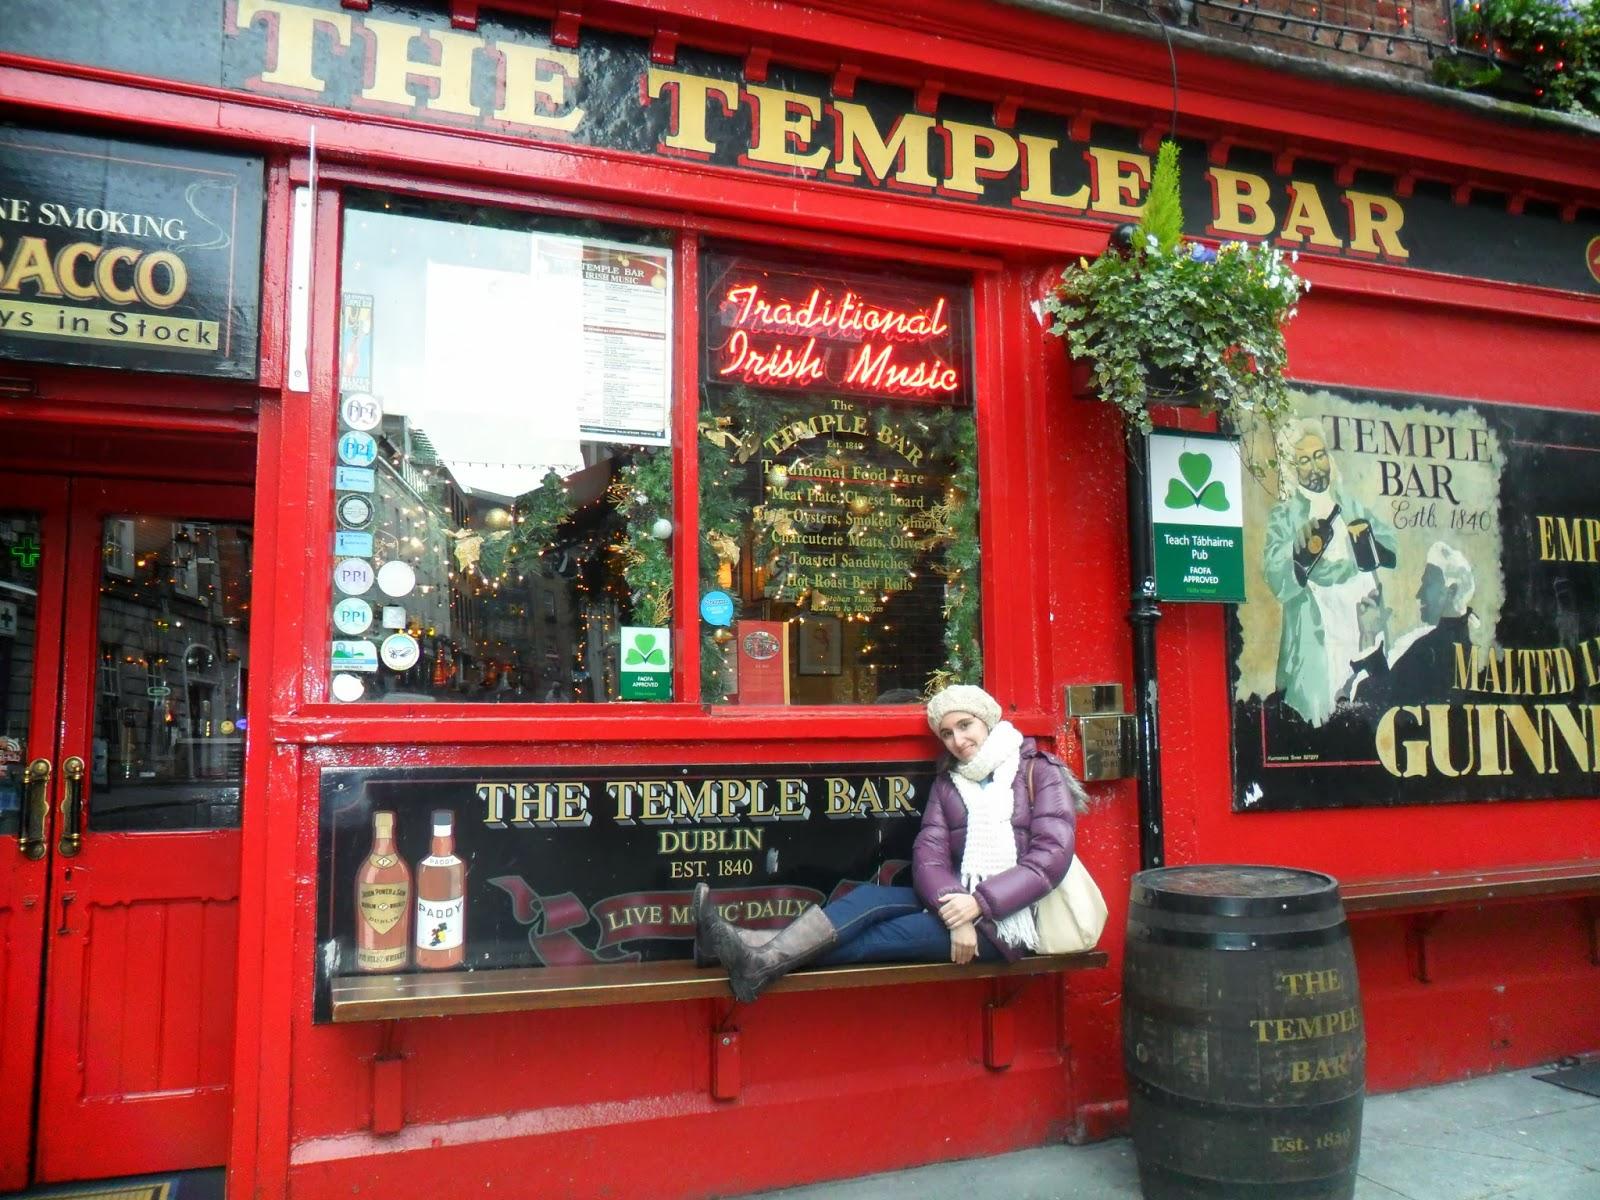 Temple Bar, Dublín, Ireland